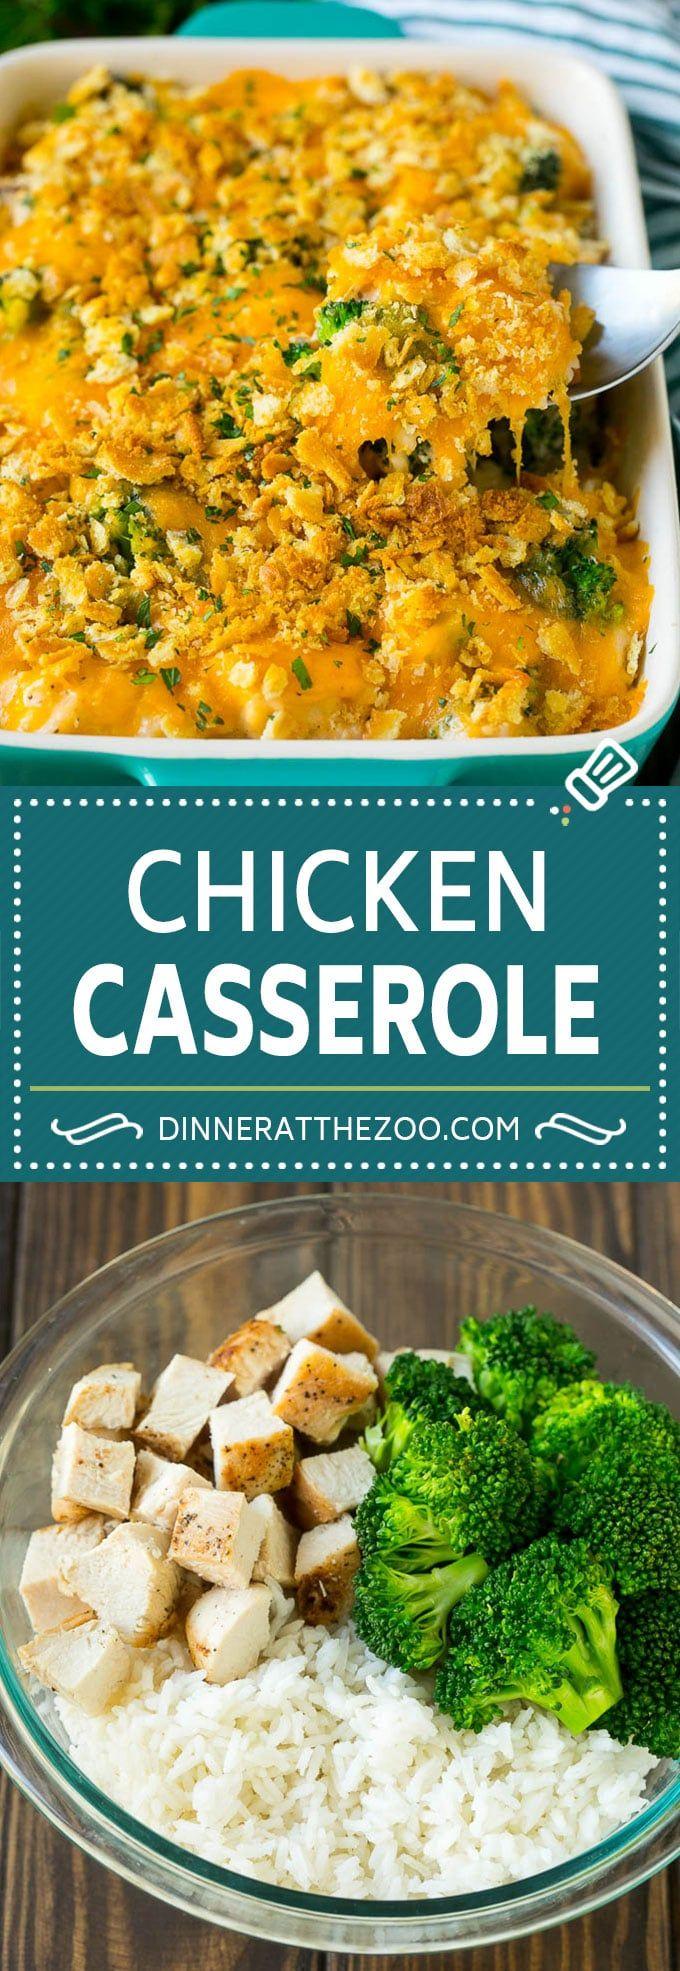 Chicken Casserole Recipe | Chicken and Rice Casserole | Chicken and Broccoli Casserole